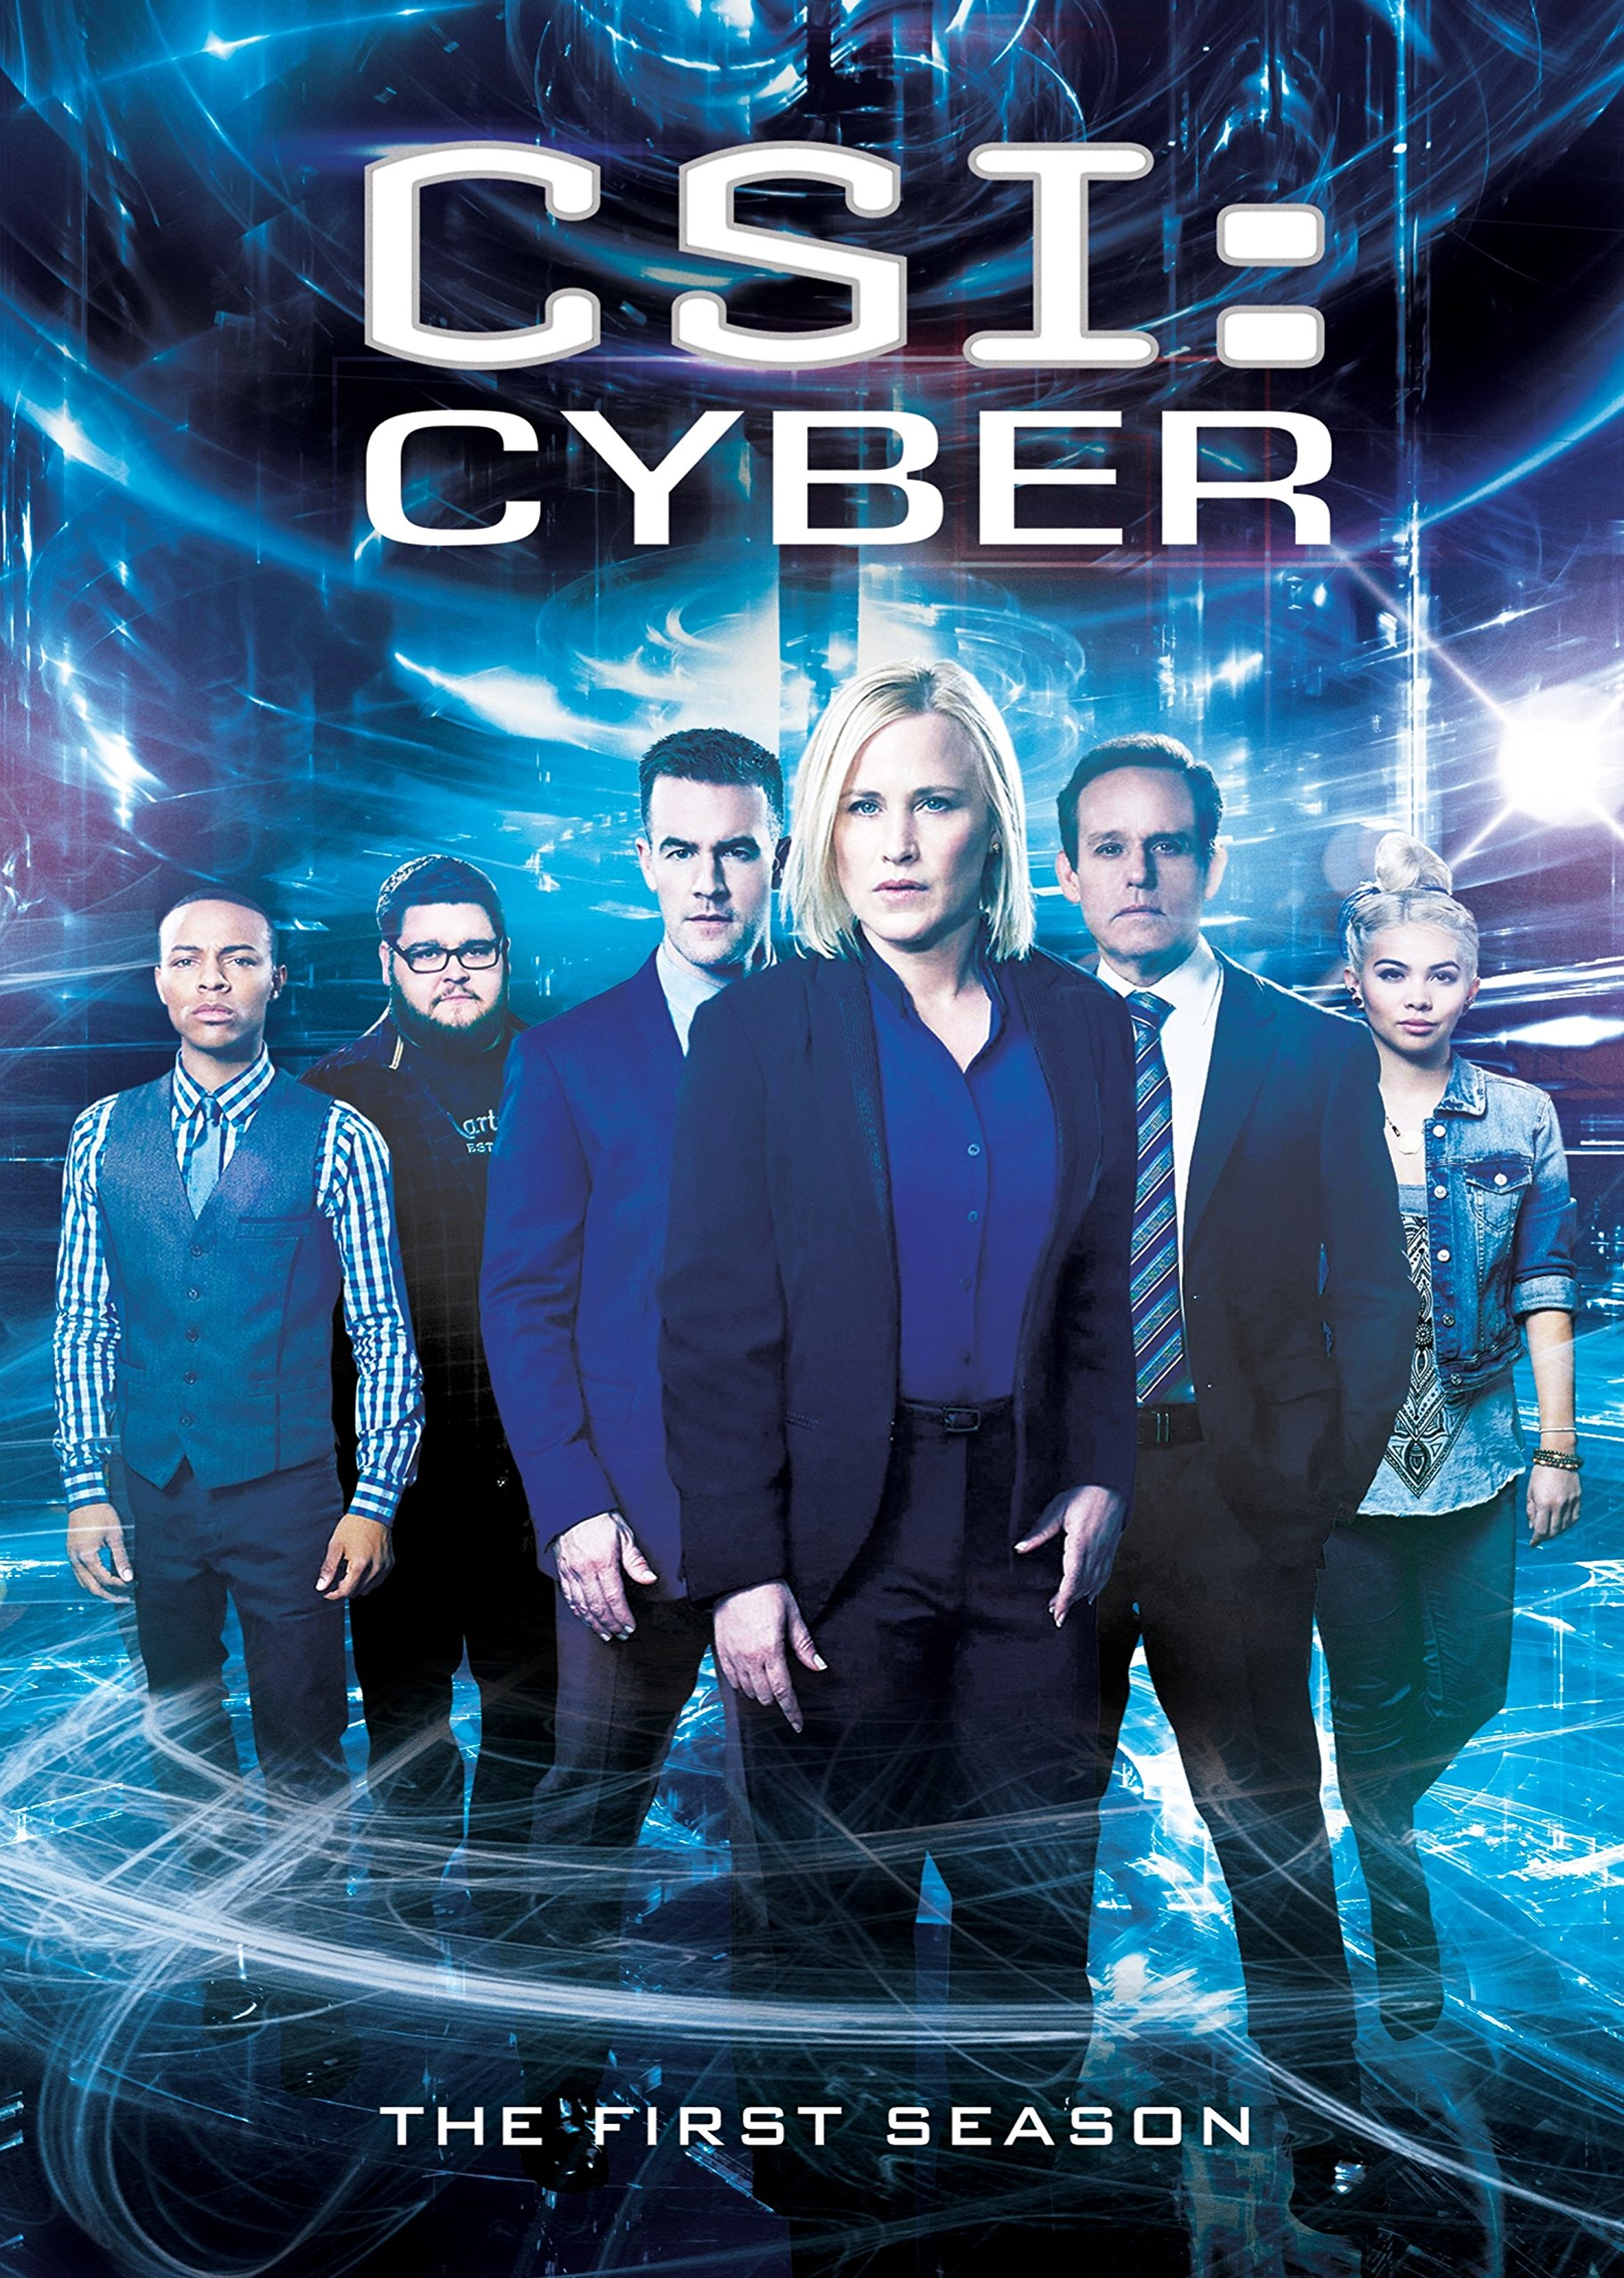 Csi Cyber Dvd Release Date